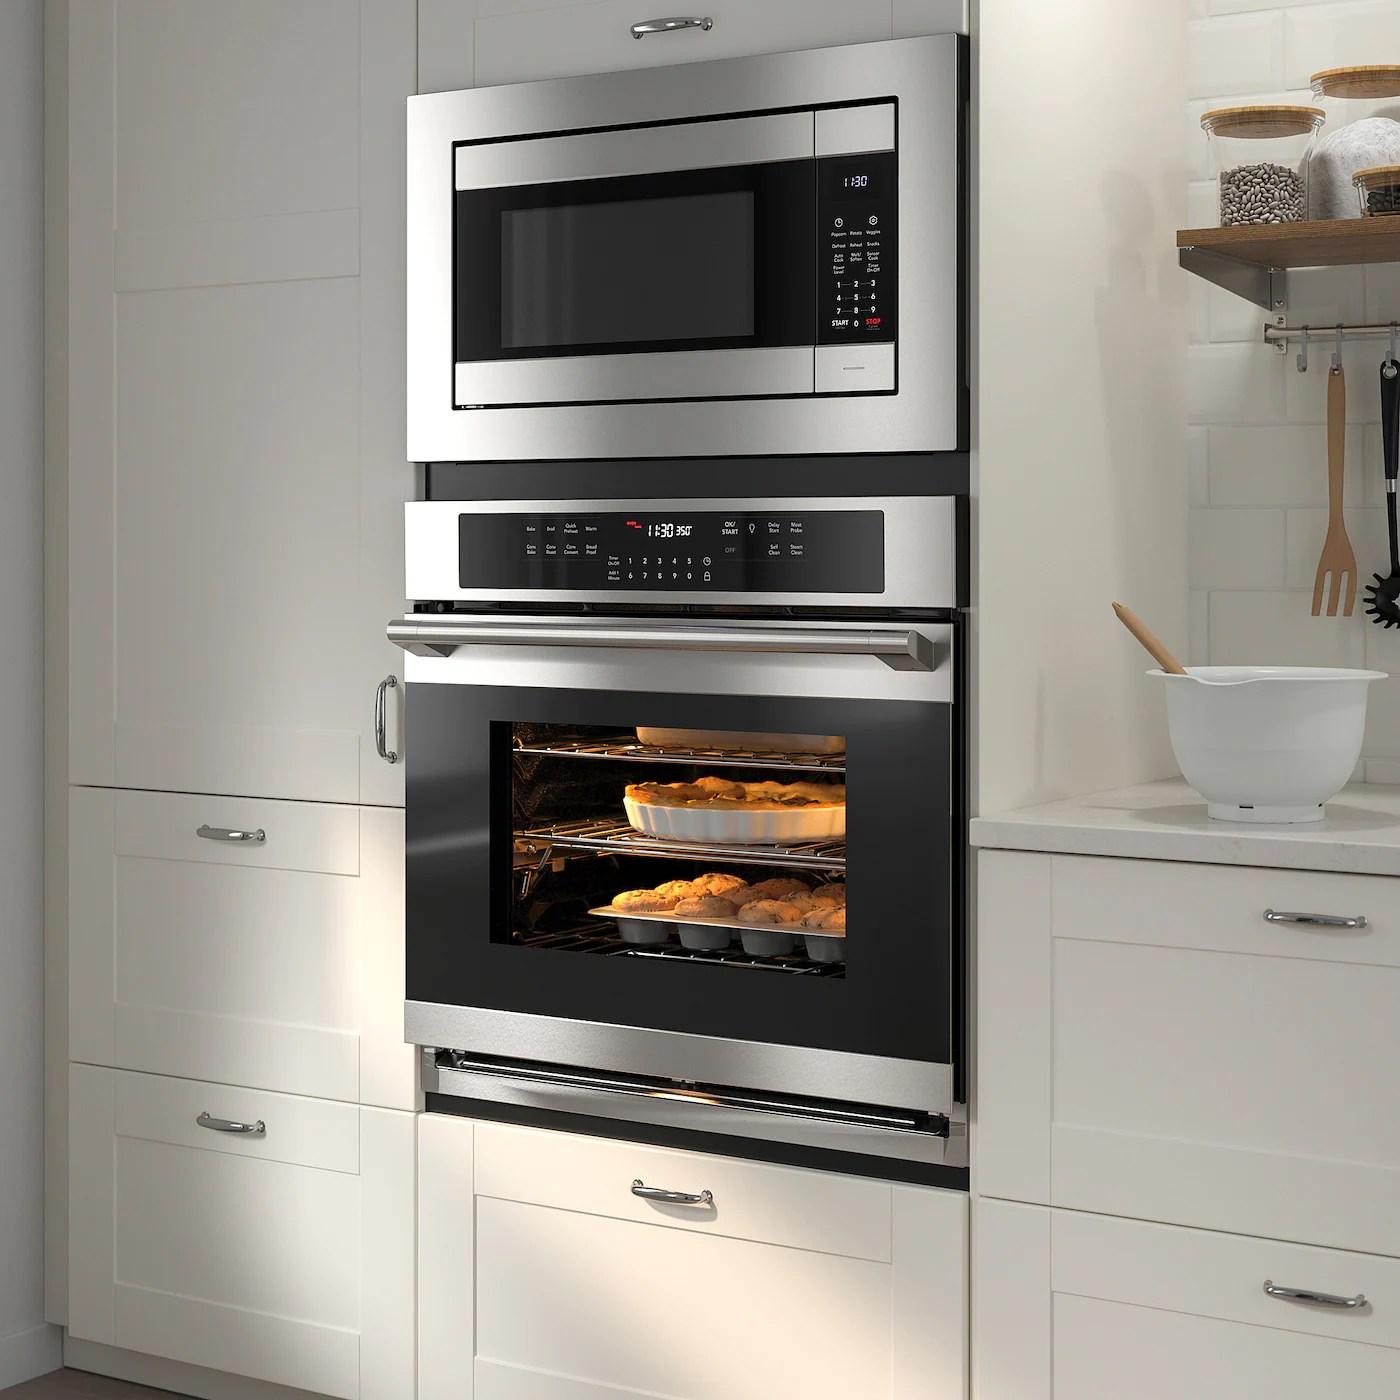 huvudsaklig built in microwave stainless steel color